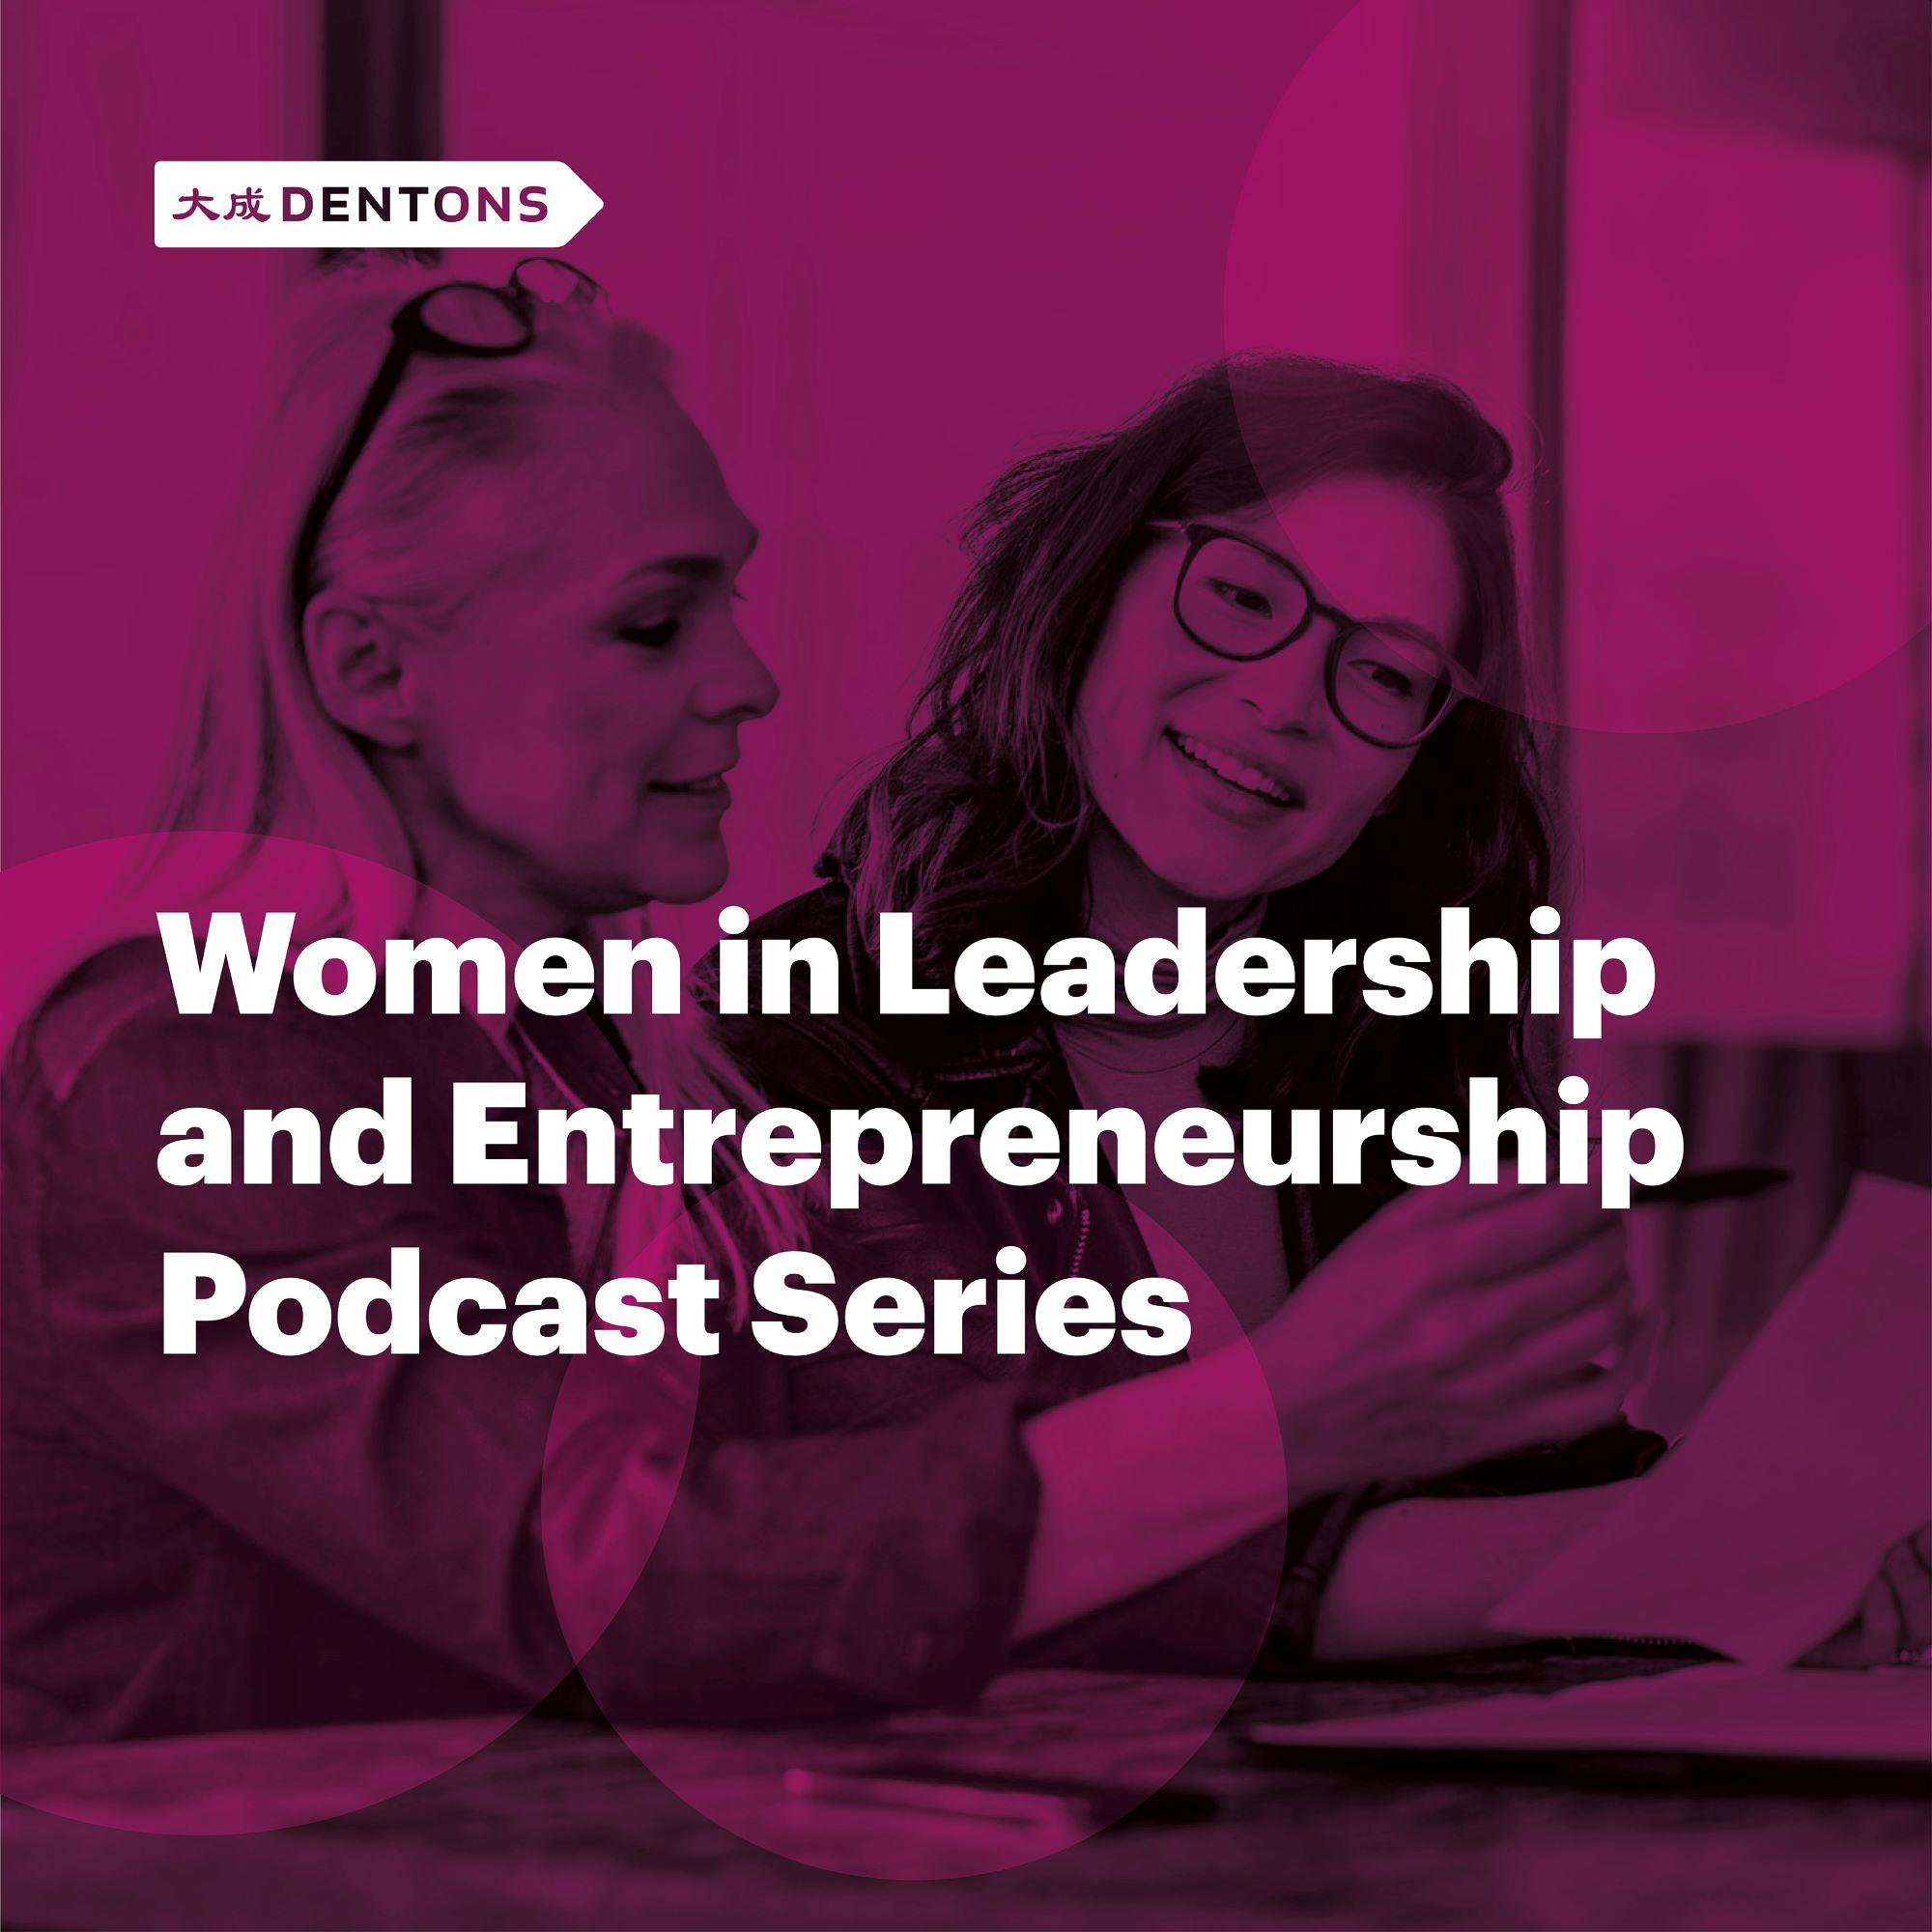 Artwork for podcast Women in Leadership and Entrepreneurship